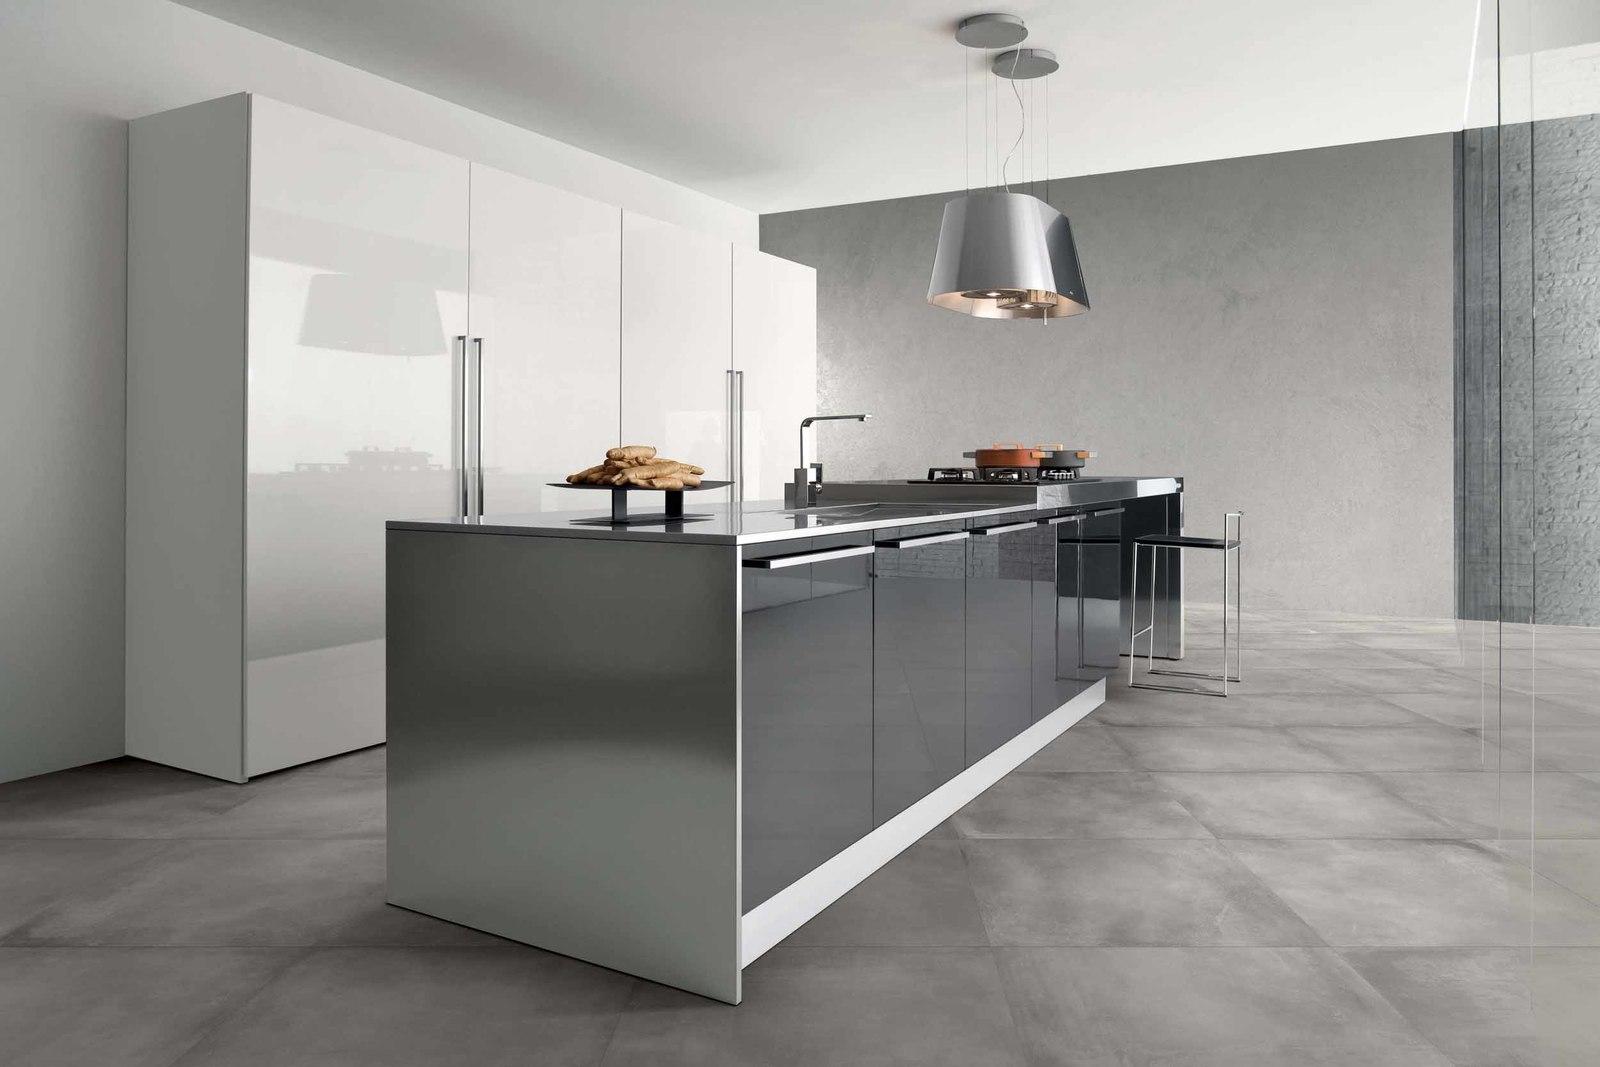 Minimalistyczna kuchnia z szarymi i białymi meblami, dwoma lampami wiszącymi, wysokim taboretem i płytkami imitującymi beton Basic Light Grey 81x81